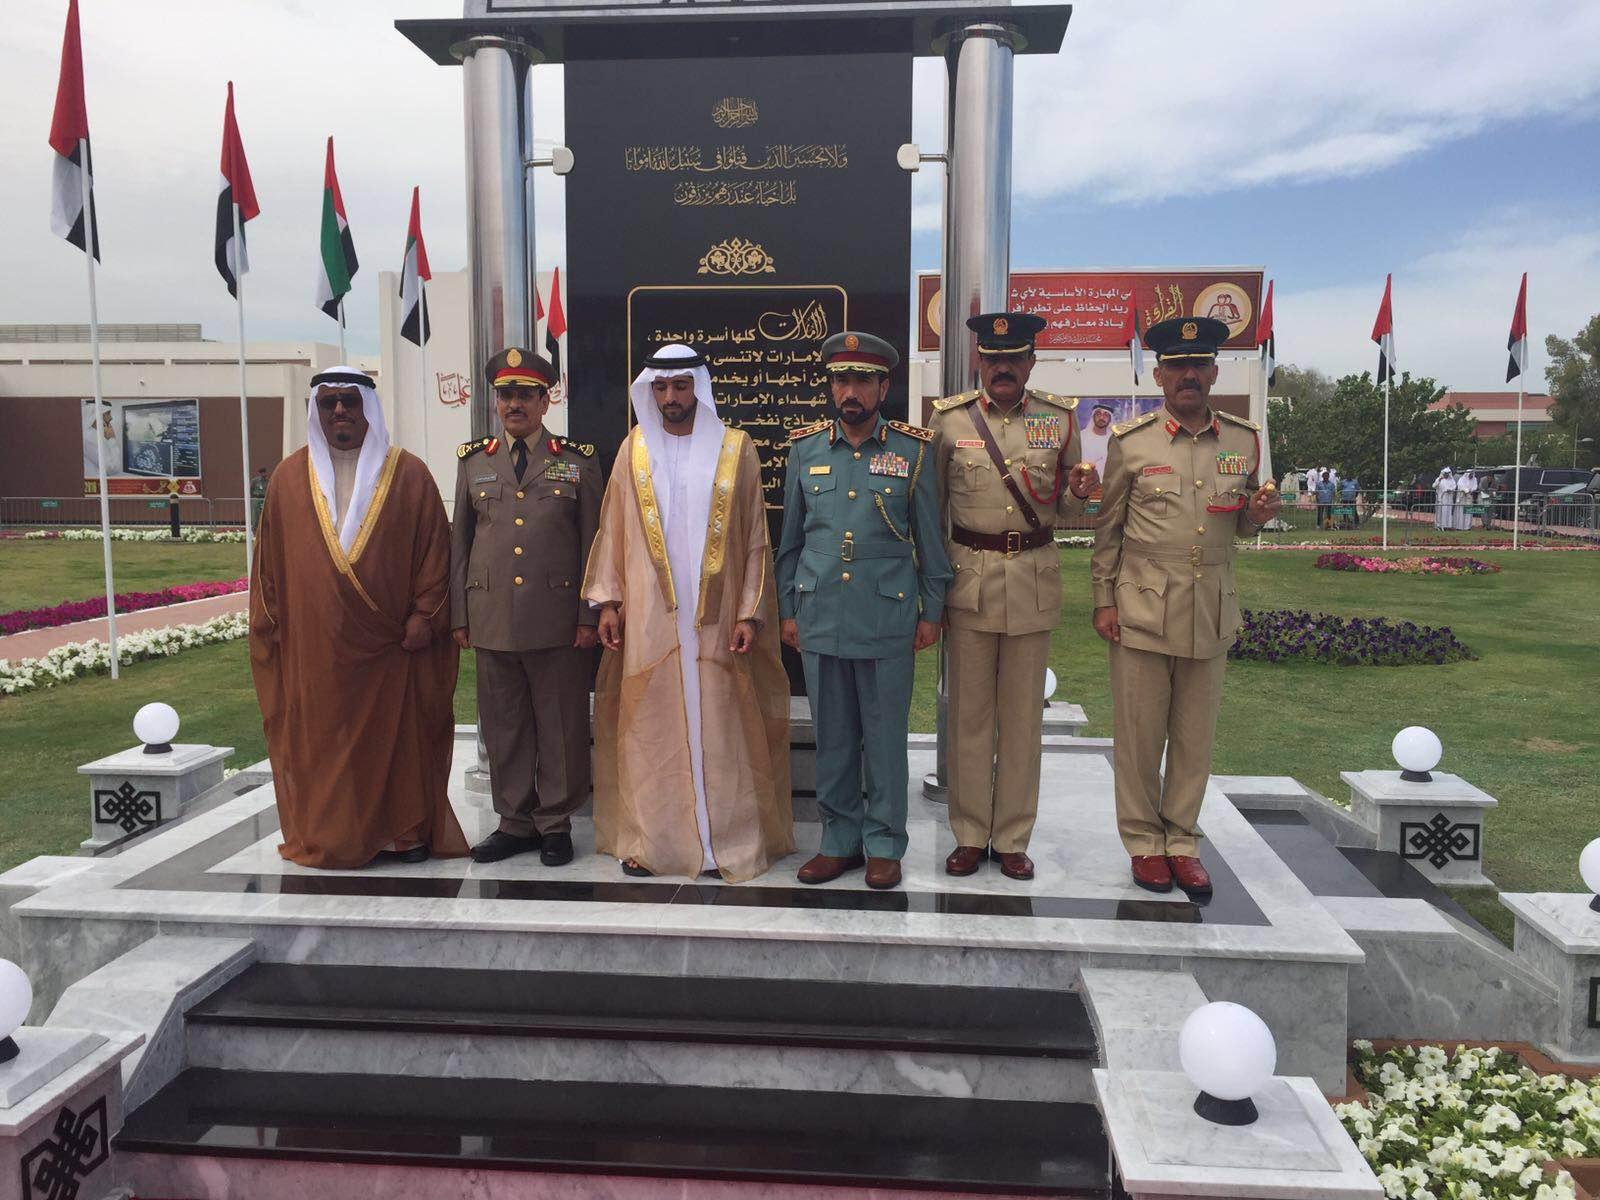 شرطة دبي تمنح الفريق المحرج جائزة الابداع البحثي (2)